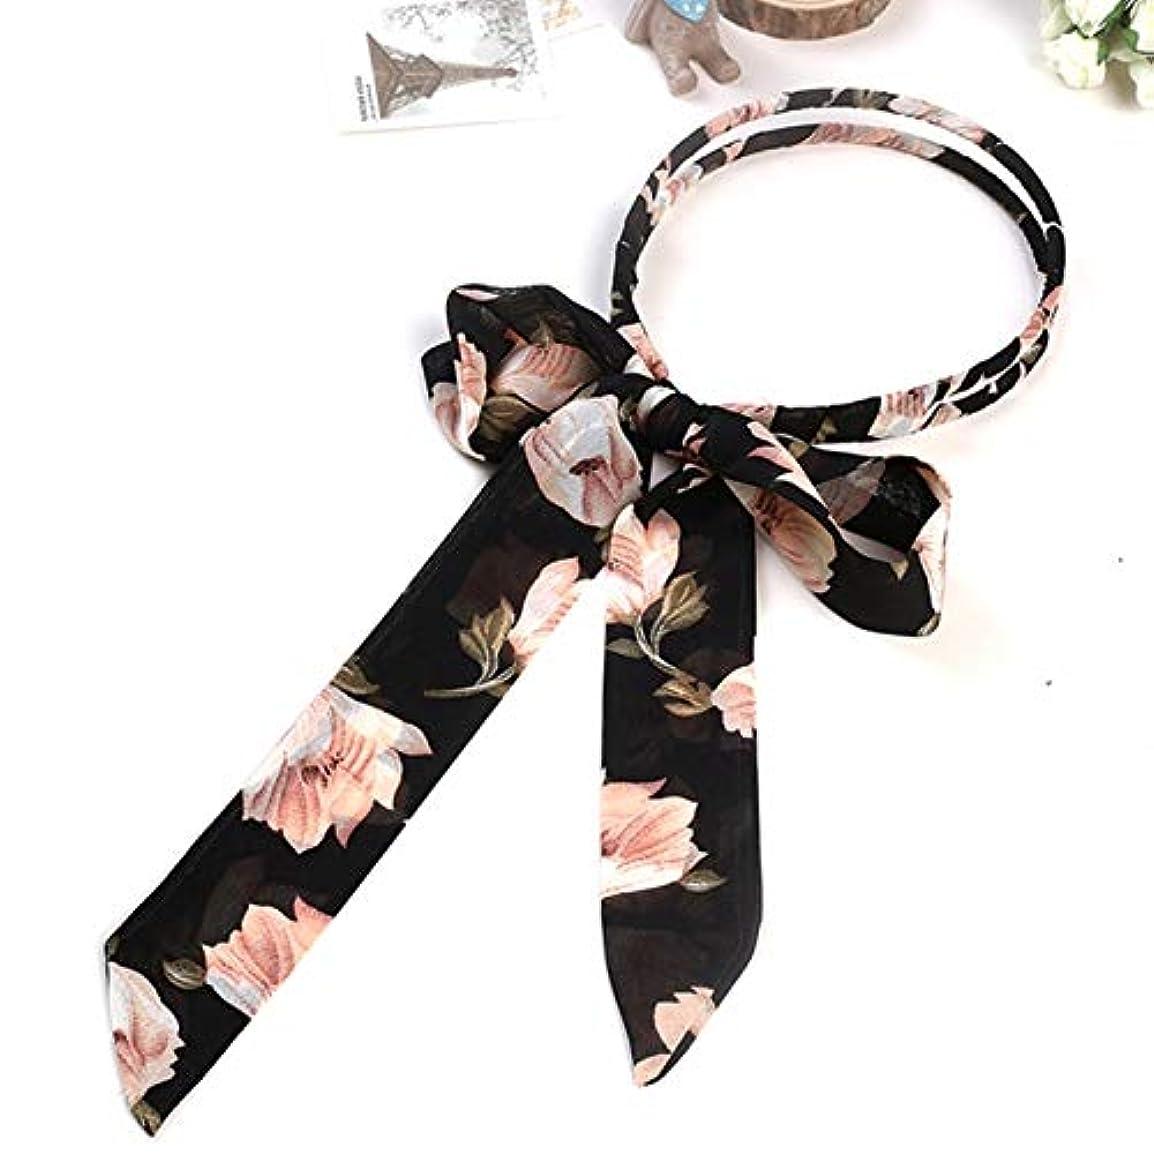 砲撃緊張するサリーの店 便利なデザイン韓国女性スウィート女の子ボウヘアヘッドバンド編み花弓の結び目リボン毛フープ(None 5)